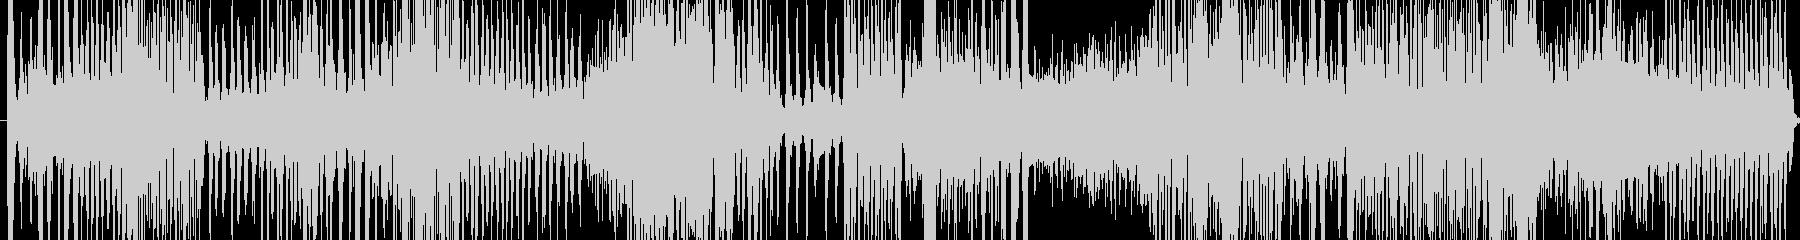 壊れた機械に囲まれた音の未再生の波形